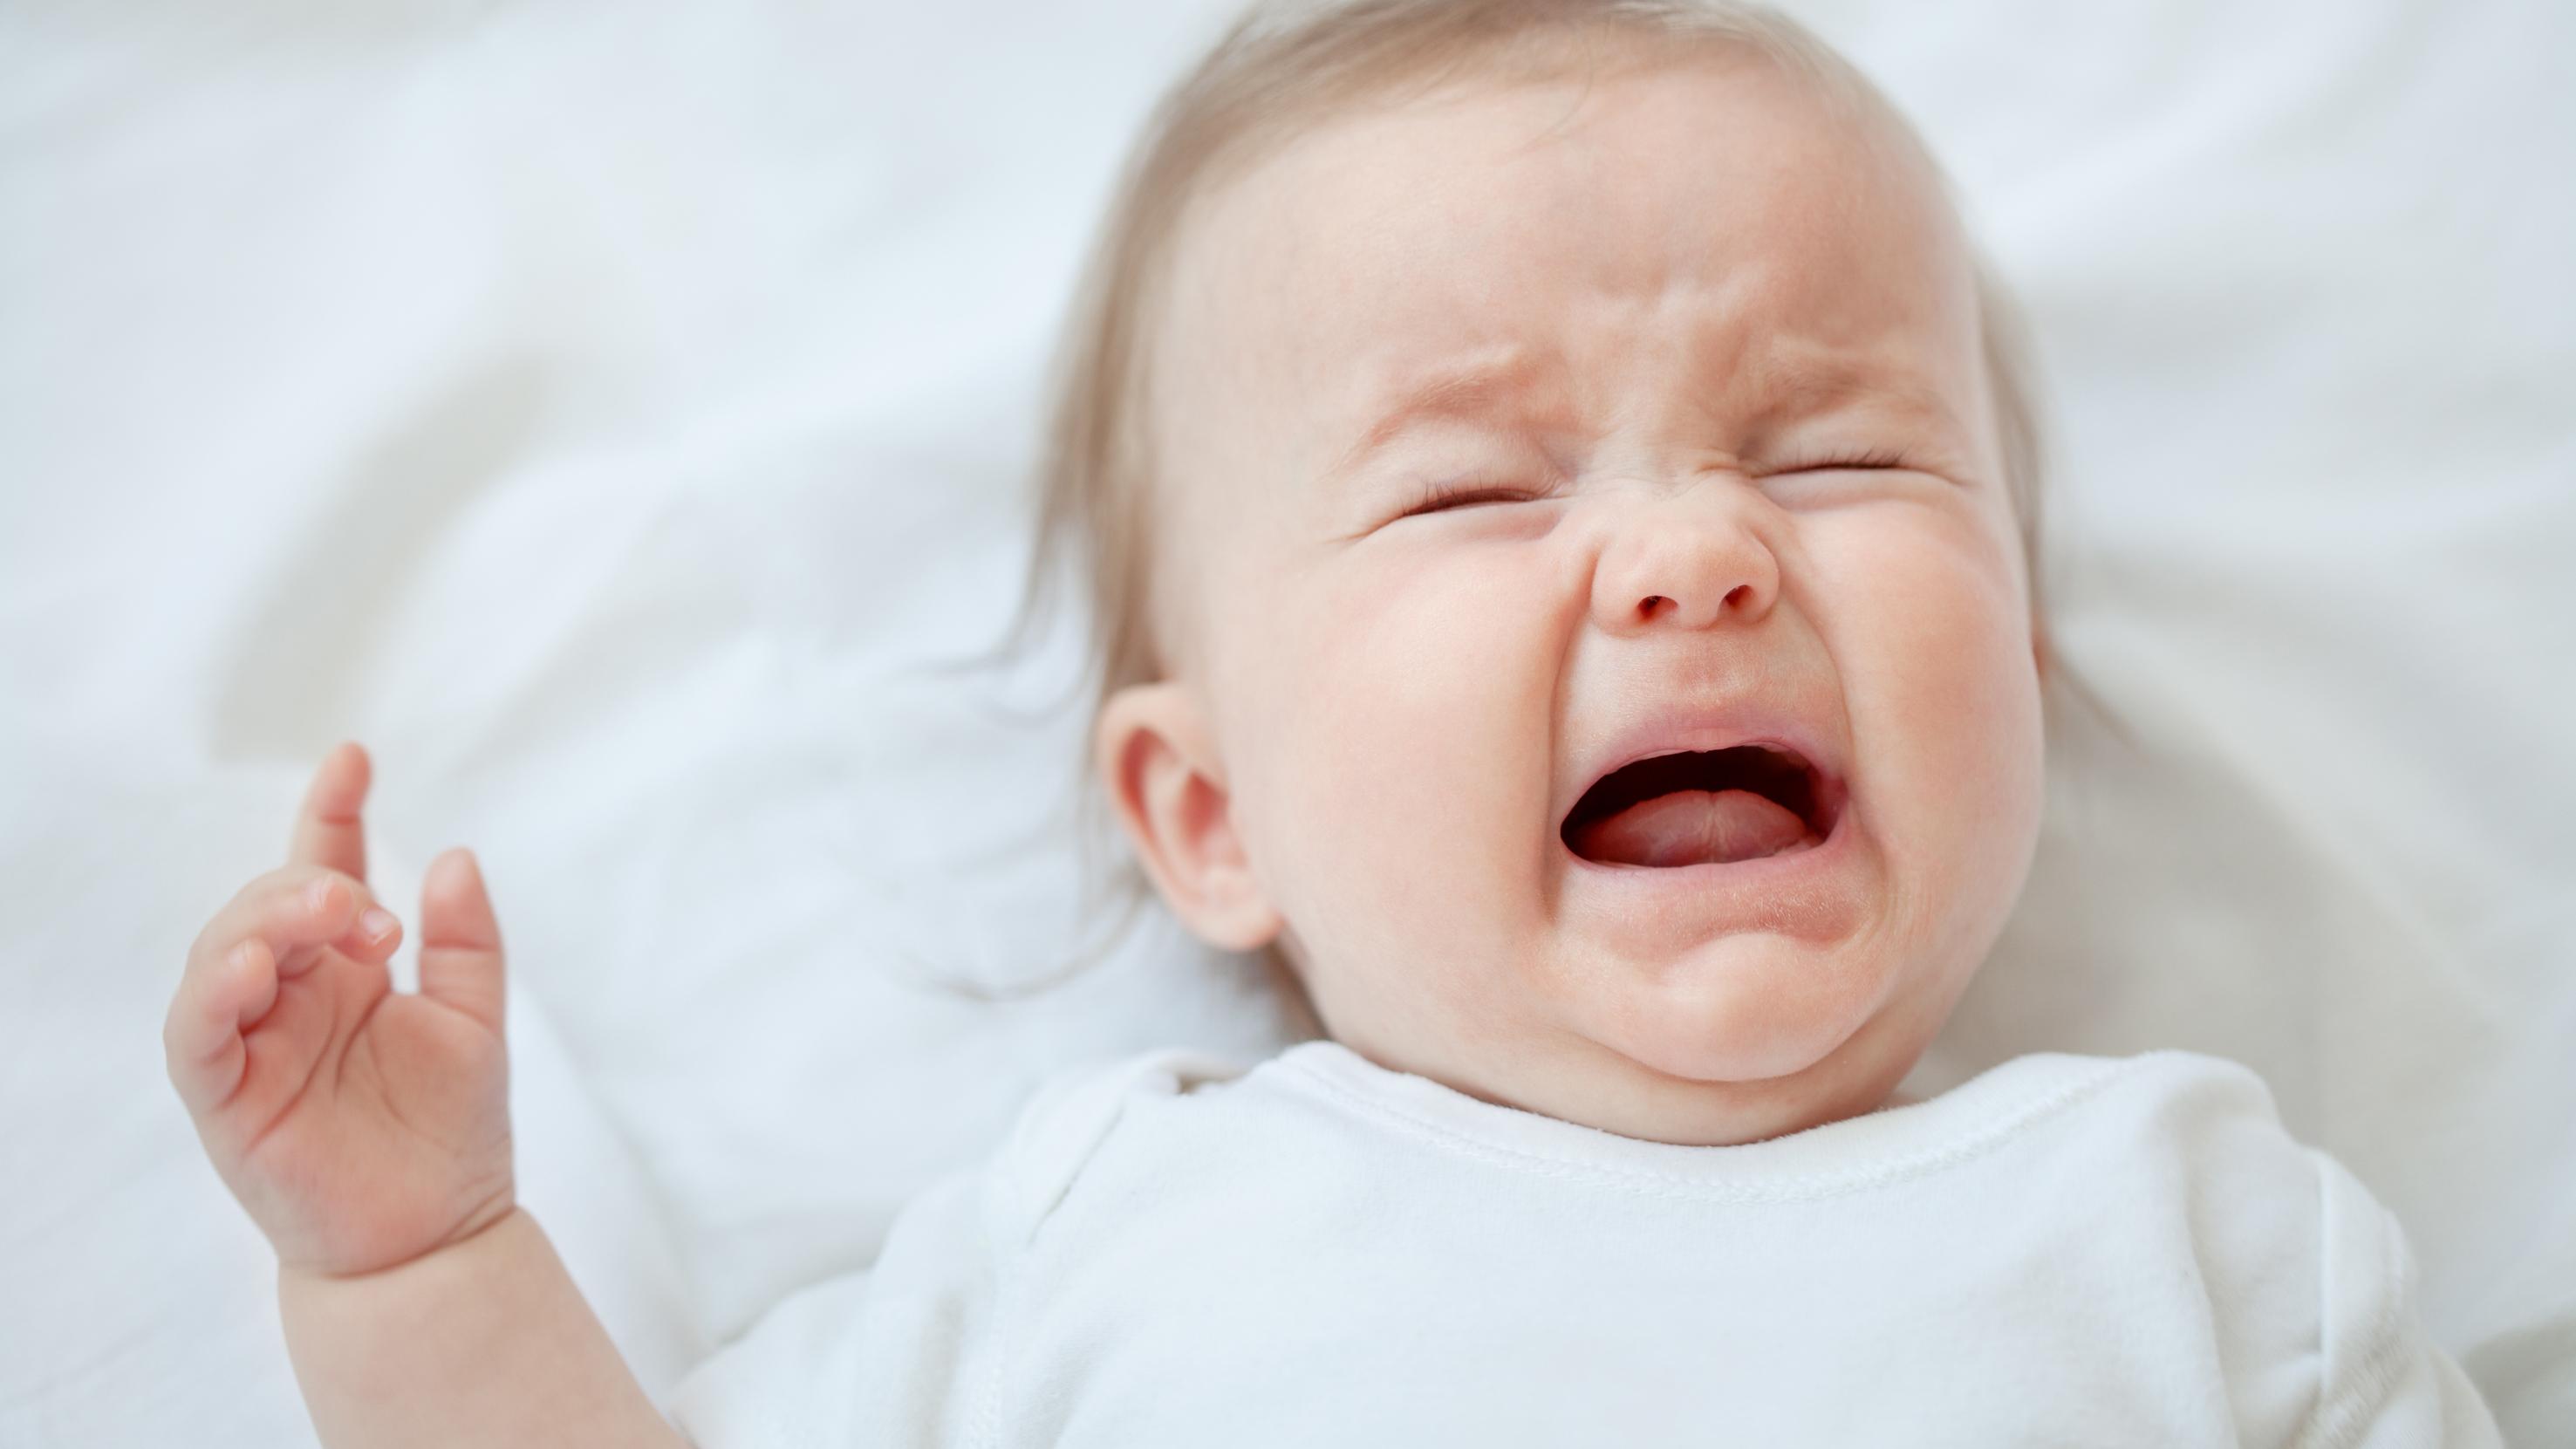 Bebelusul nu doarme noaptea. Iata de ce nu ar trebui sa te ingrijoreze